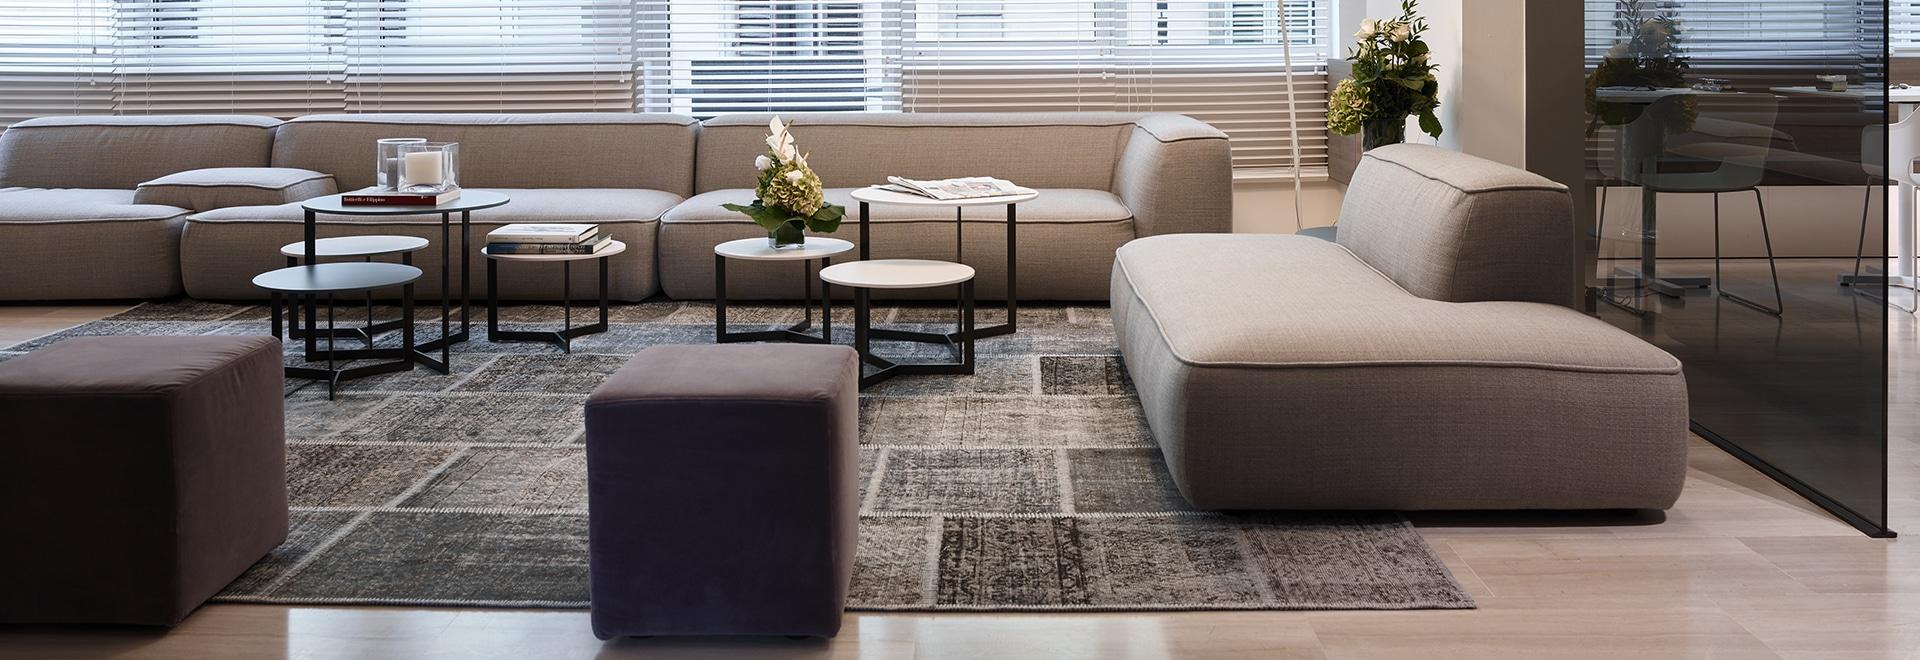 Die empfindlichen des Lemas Note unterzeichnet die Möbel für das neue Hotel des flüchtigen Blickes in Florenz.